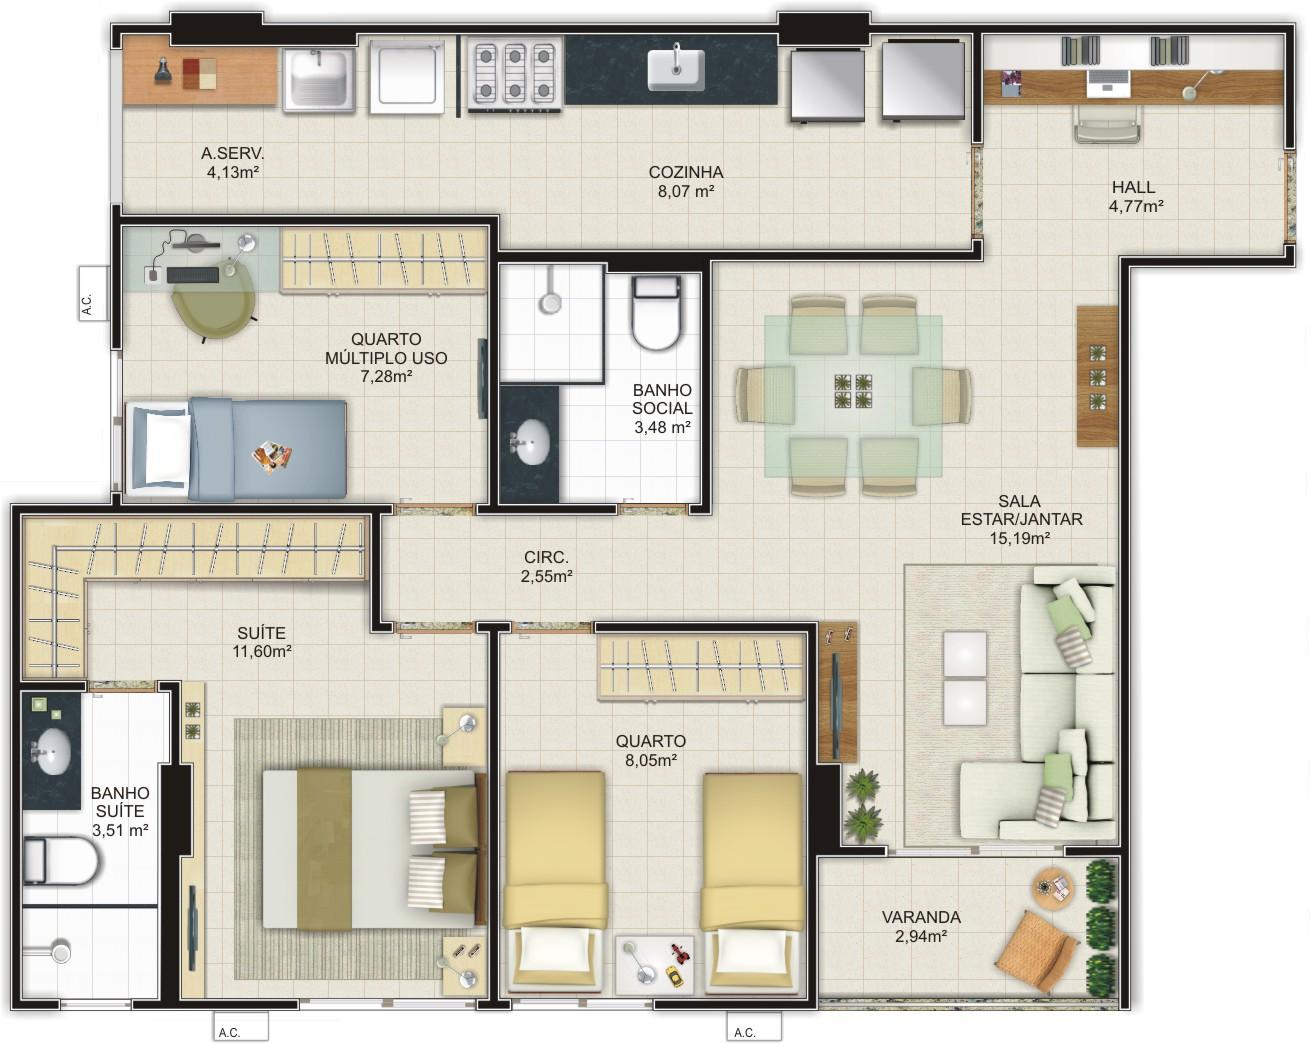 Casas modernas fachadas e plantas for Modelos de casas de una planta modernas